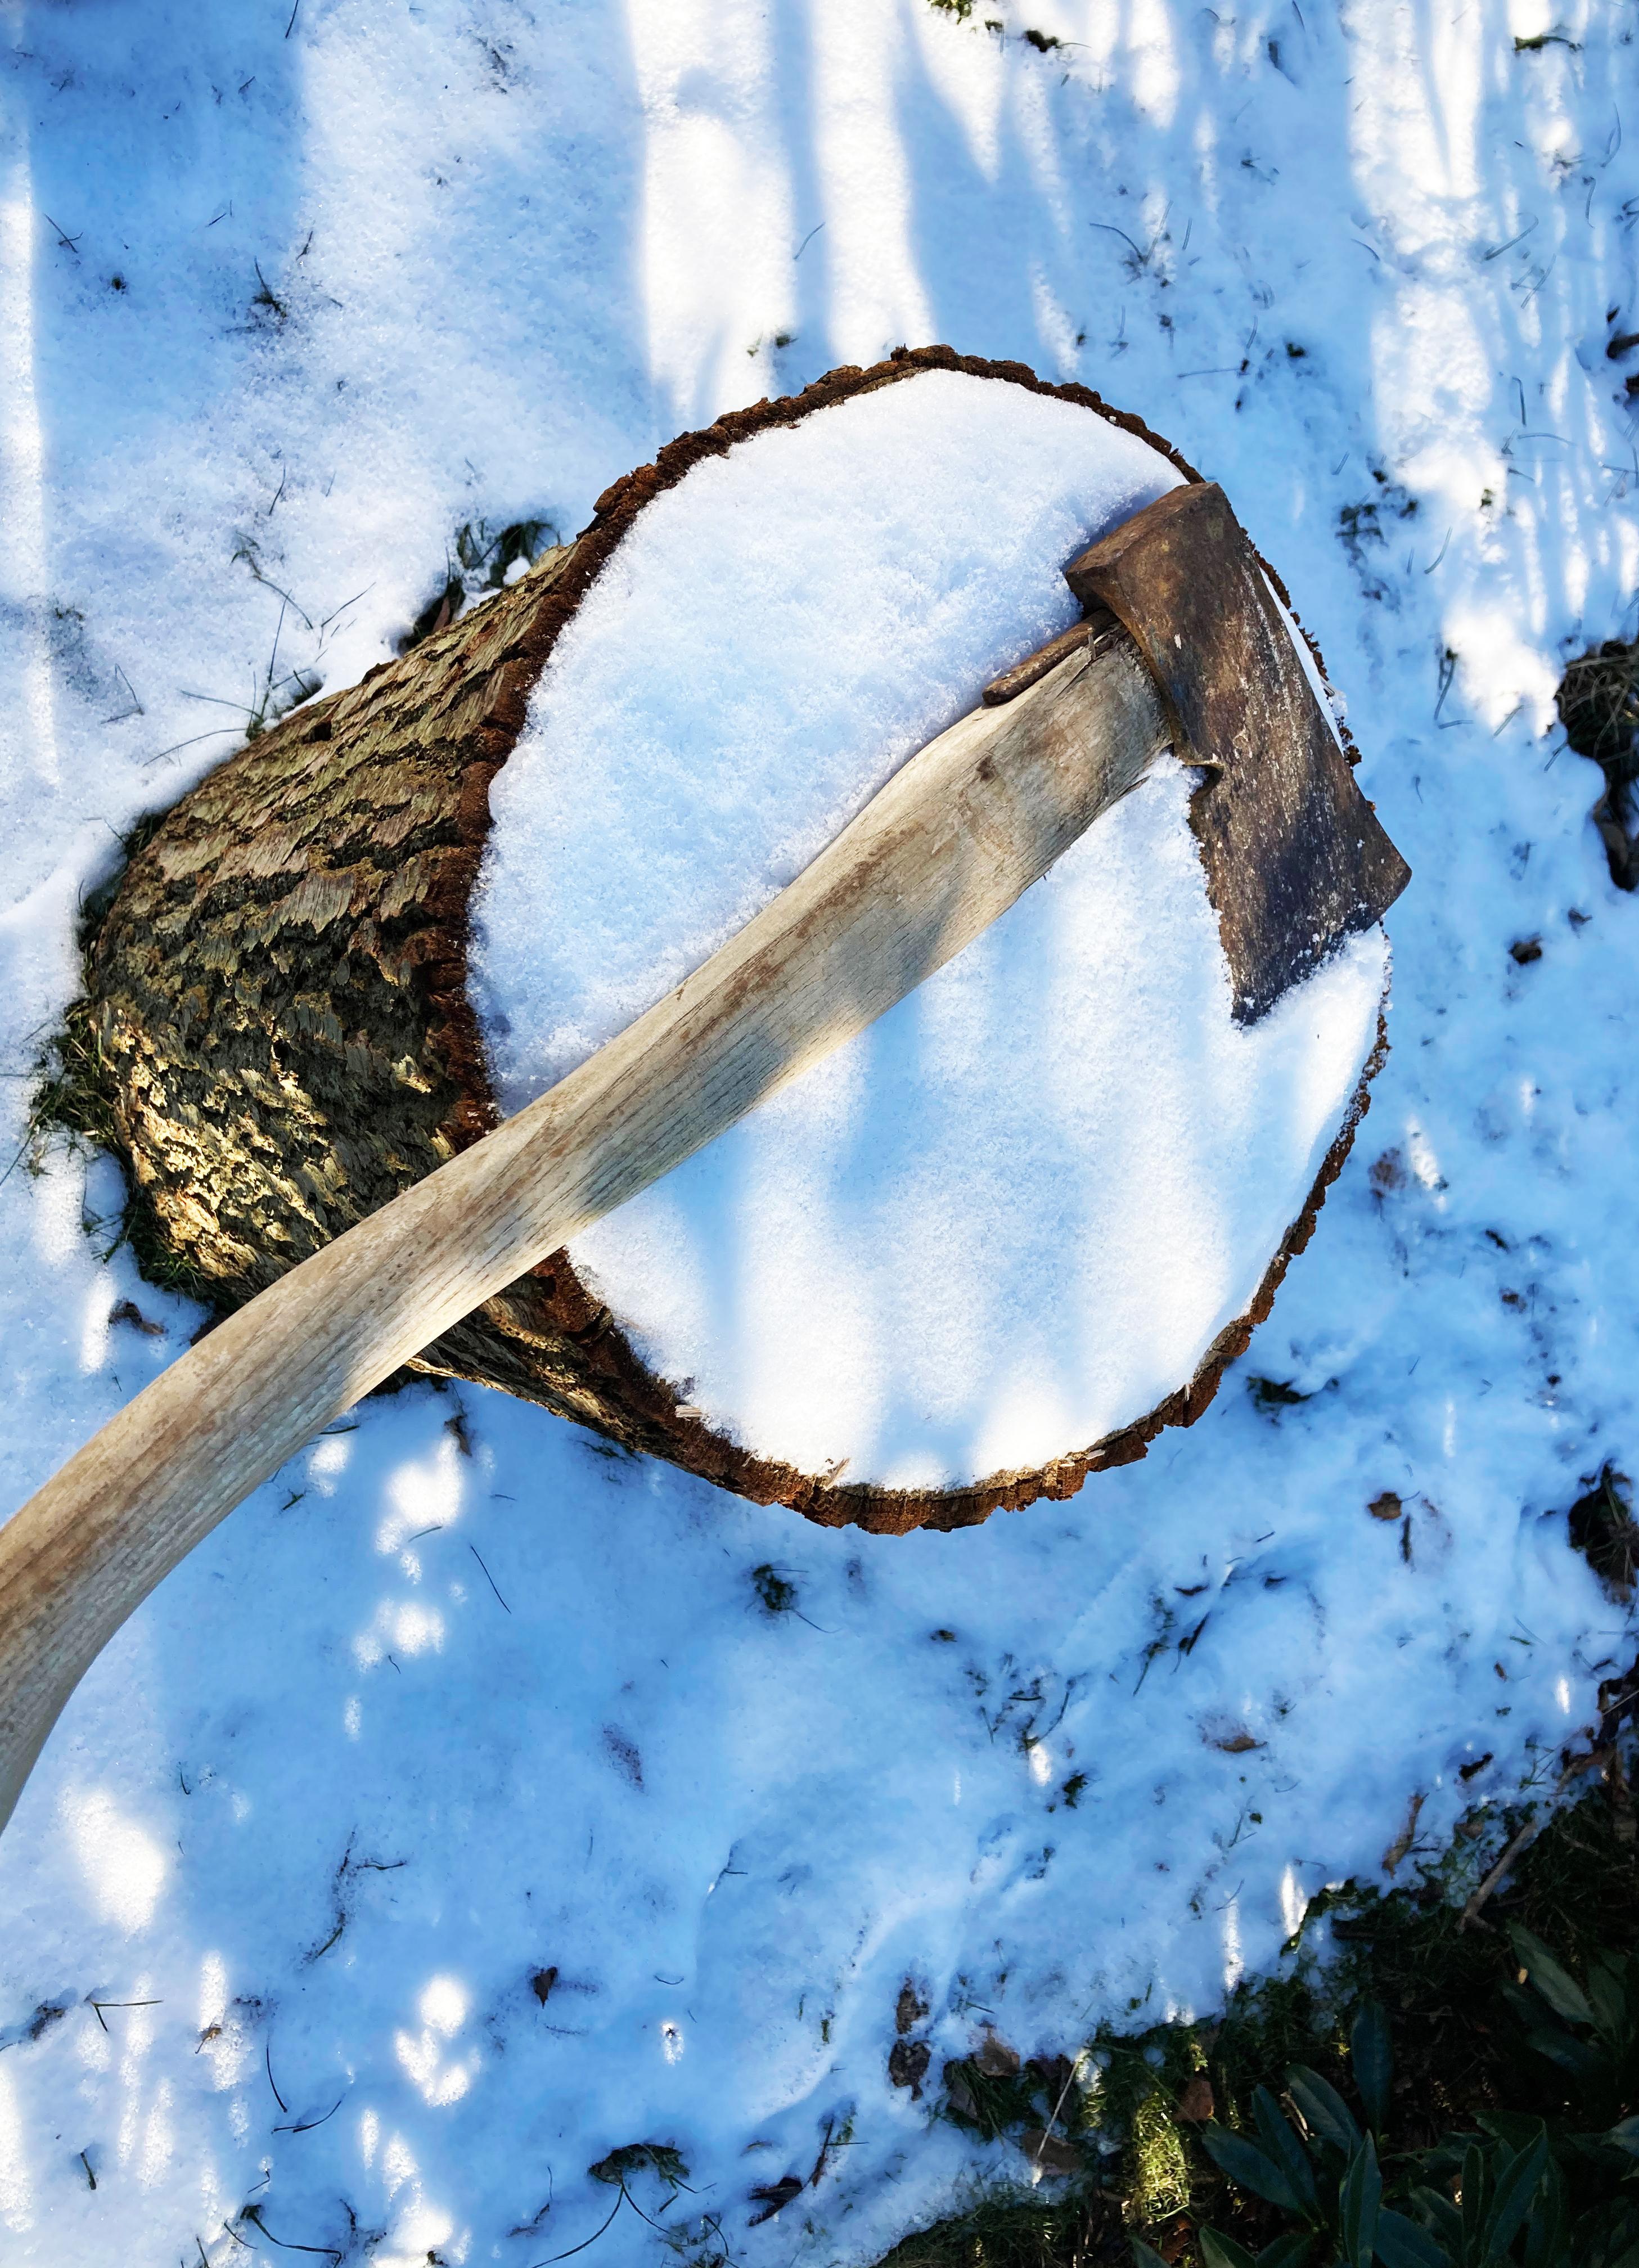 Økse brænde sne Torben Simonsen